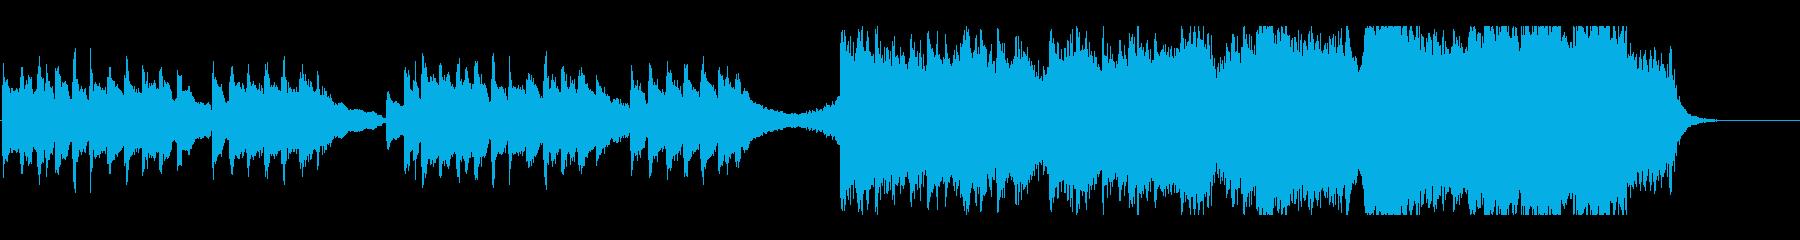 幻想的で壮大な感動フィナーレテーマBGMの再生済みの波形